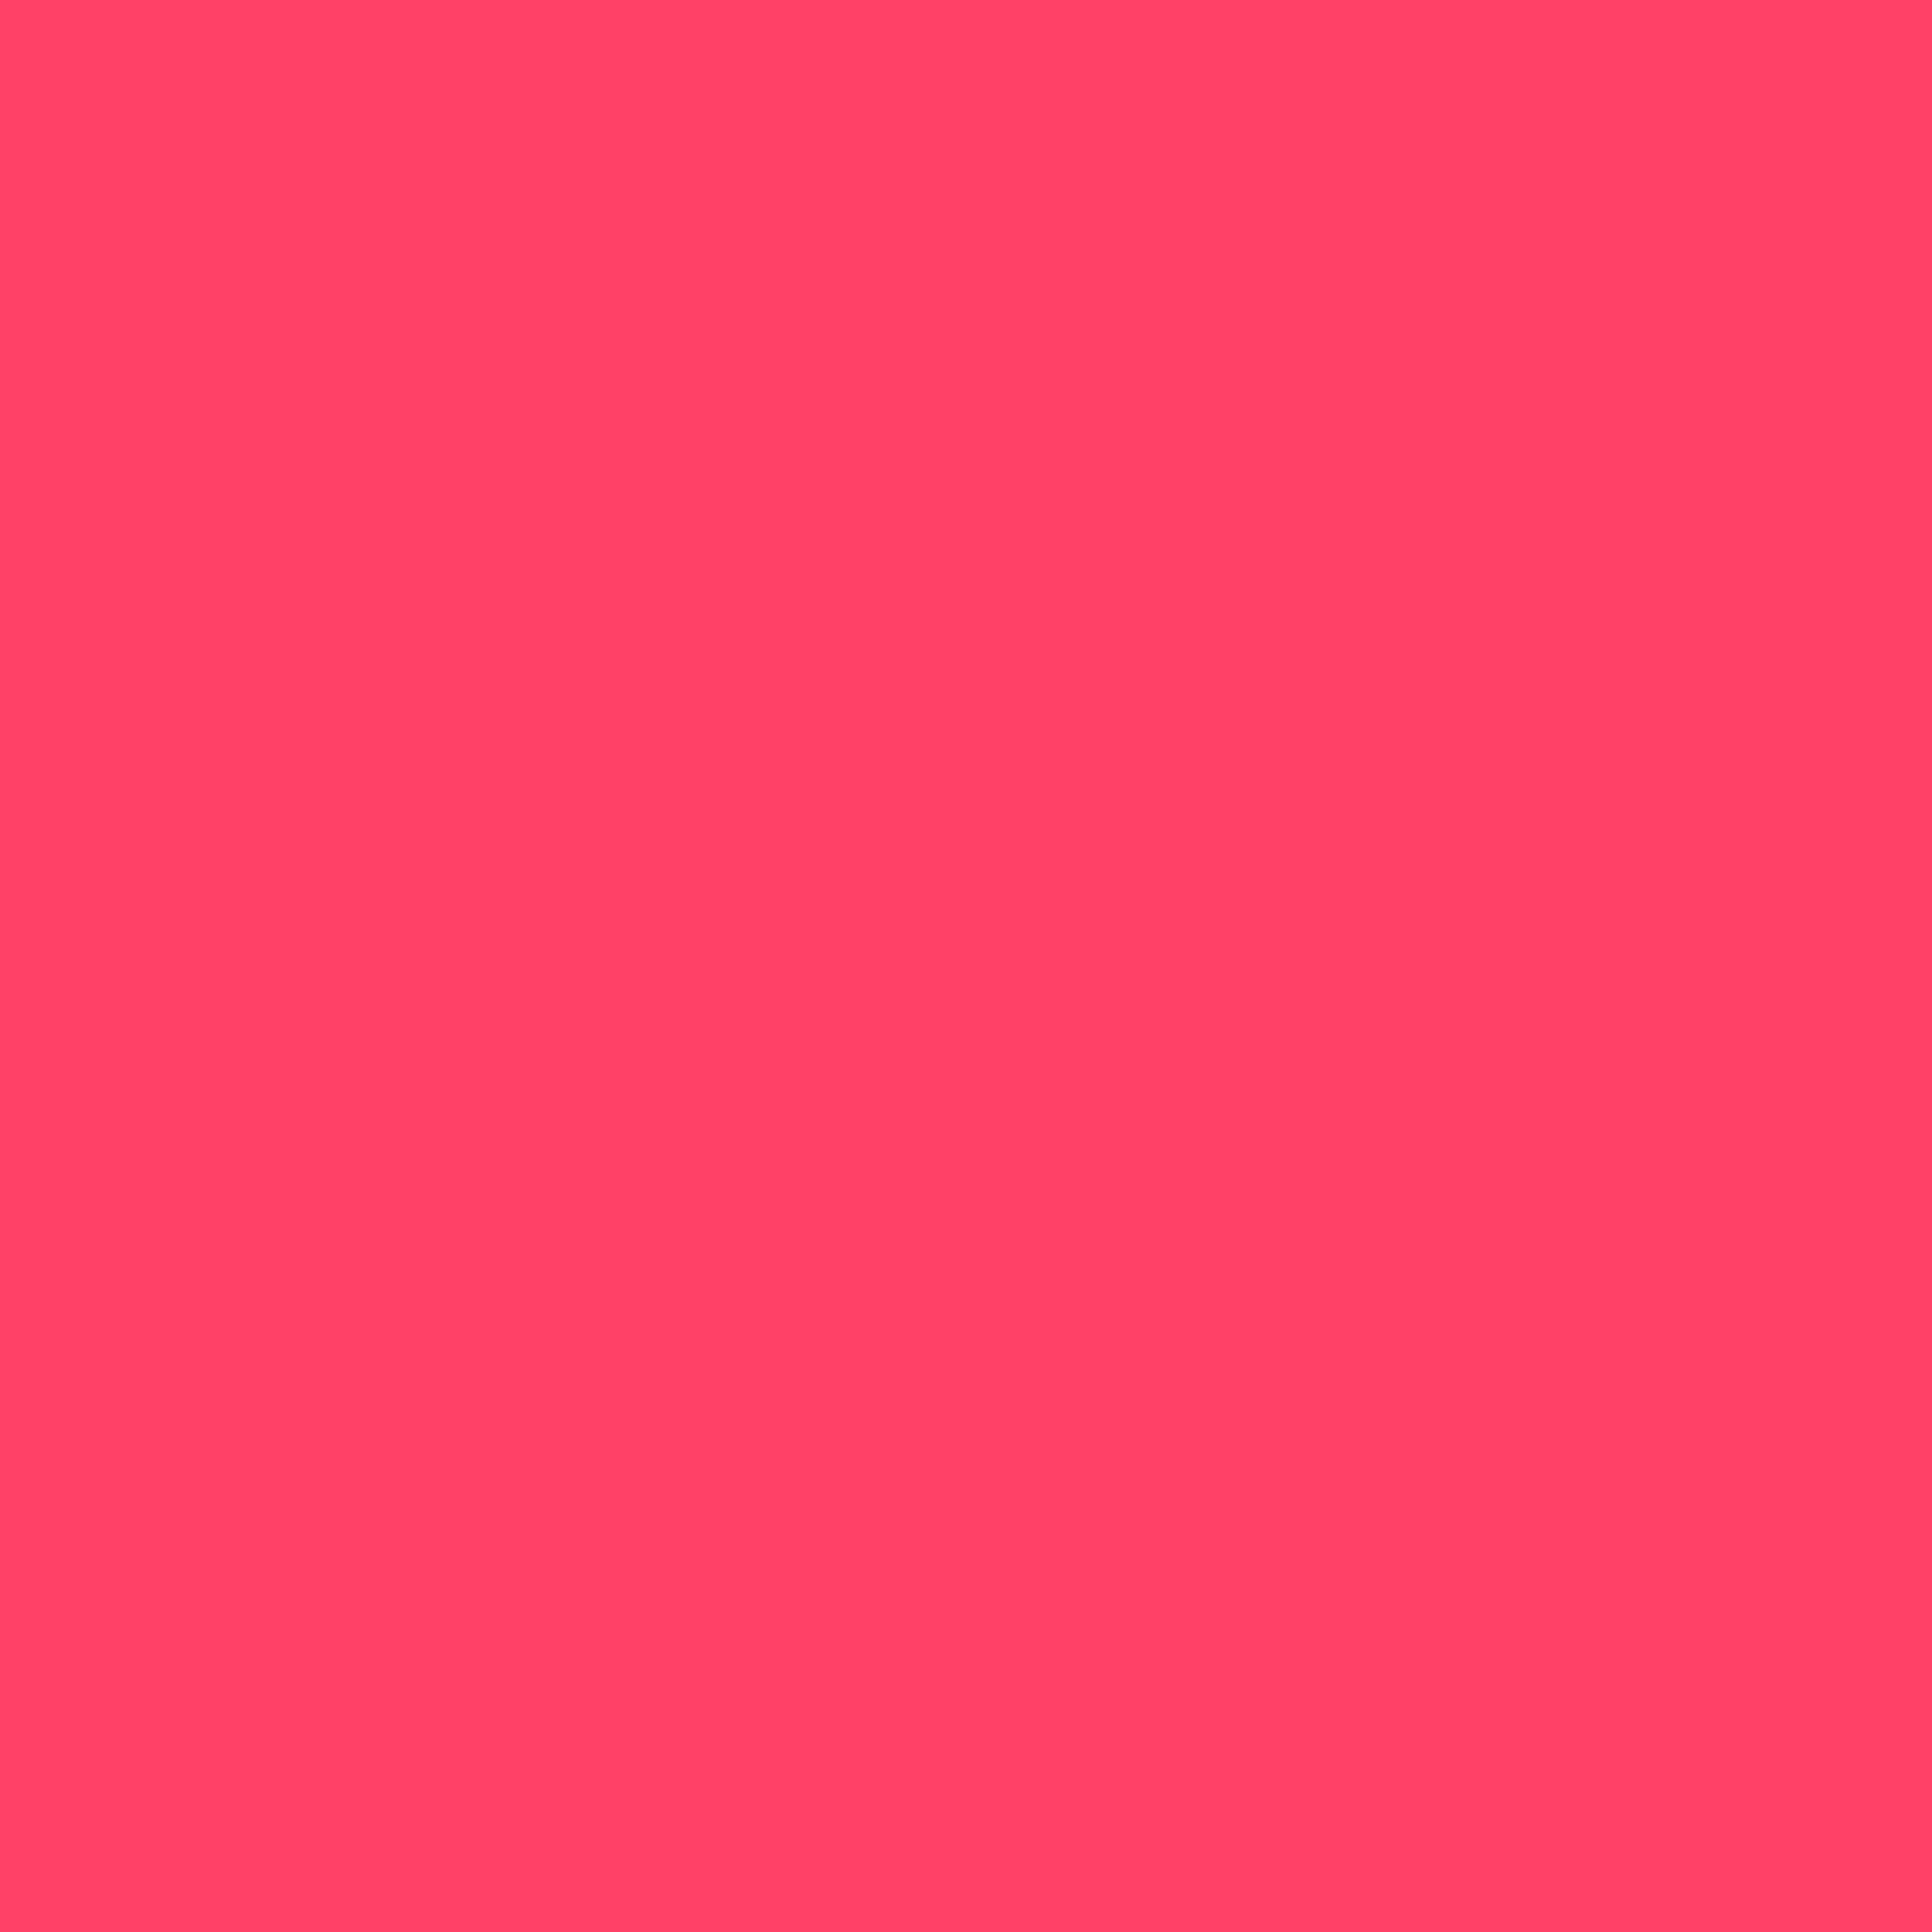 3600x3600 Neon Fuchsia Solid Color Background